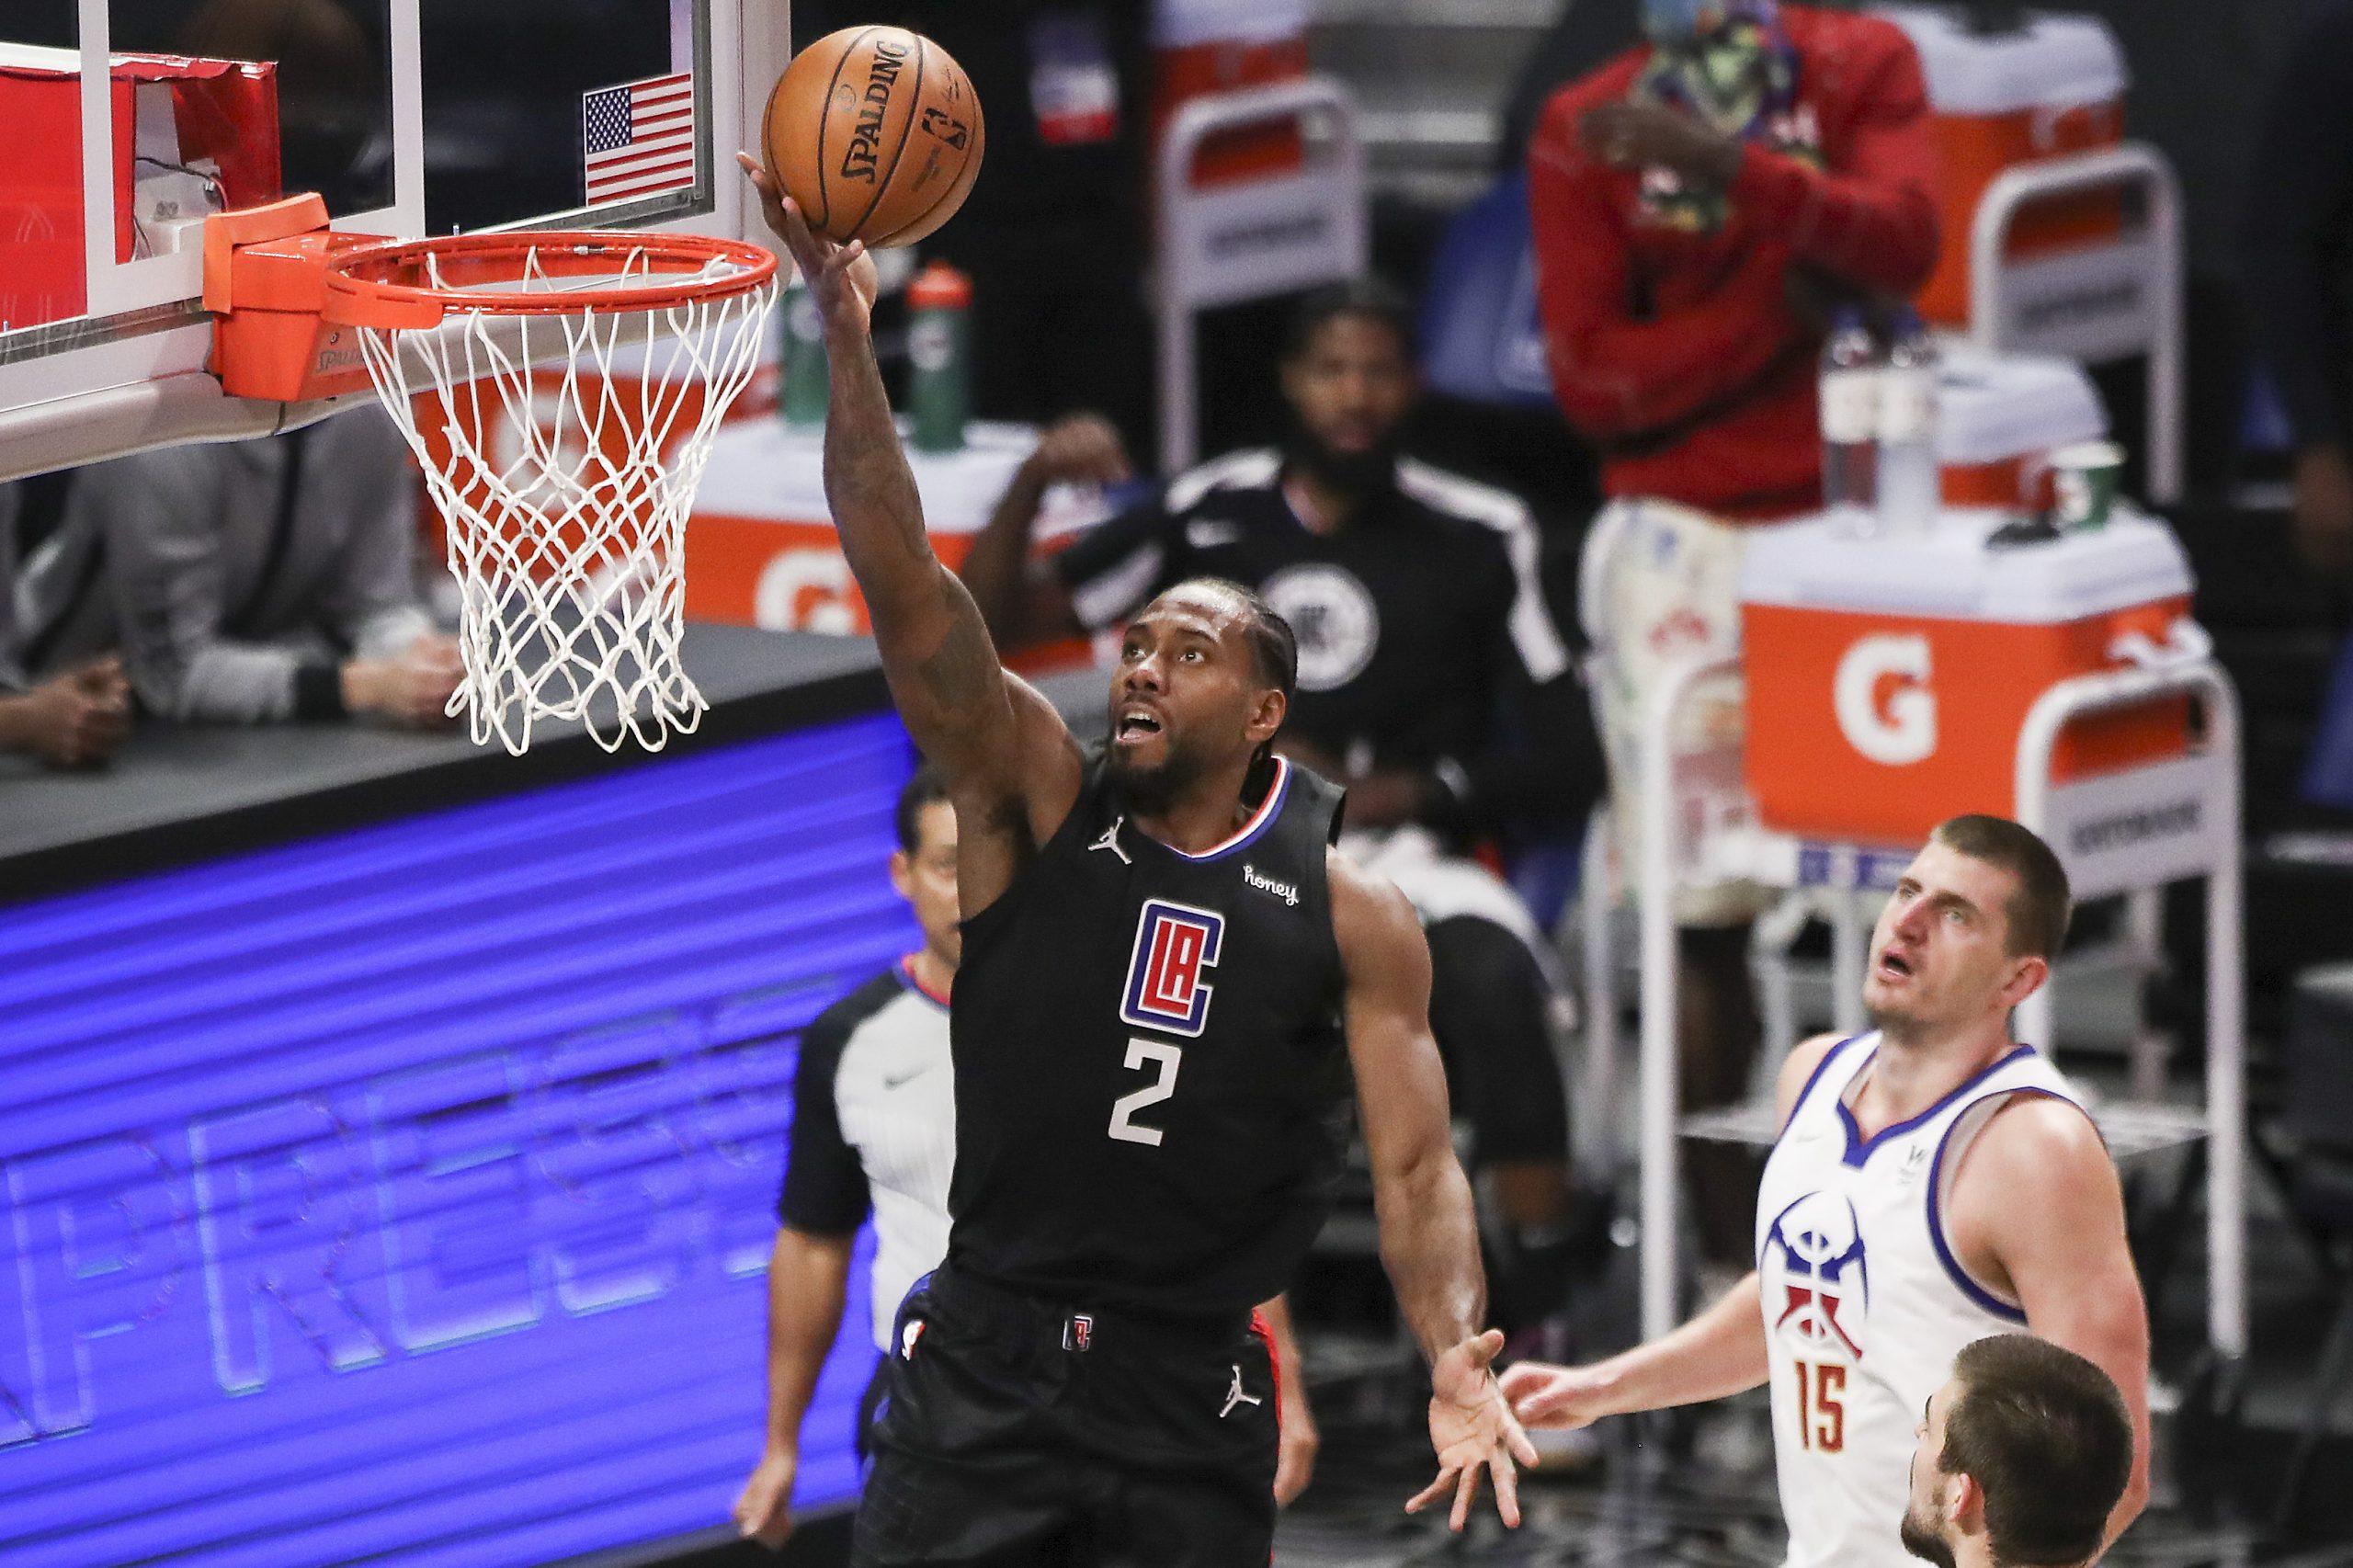 Powrót Kevina Duranta, Suns po dogrywce pokonują Jazz